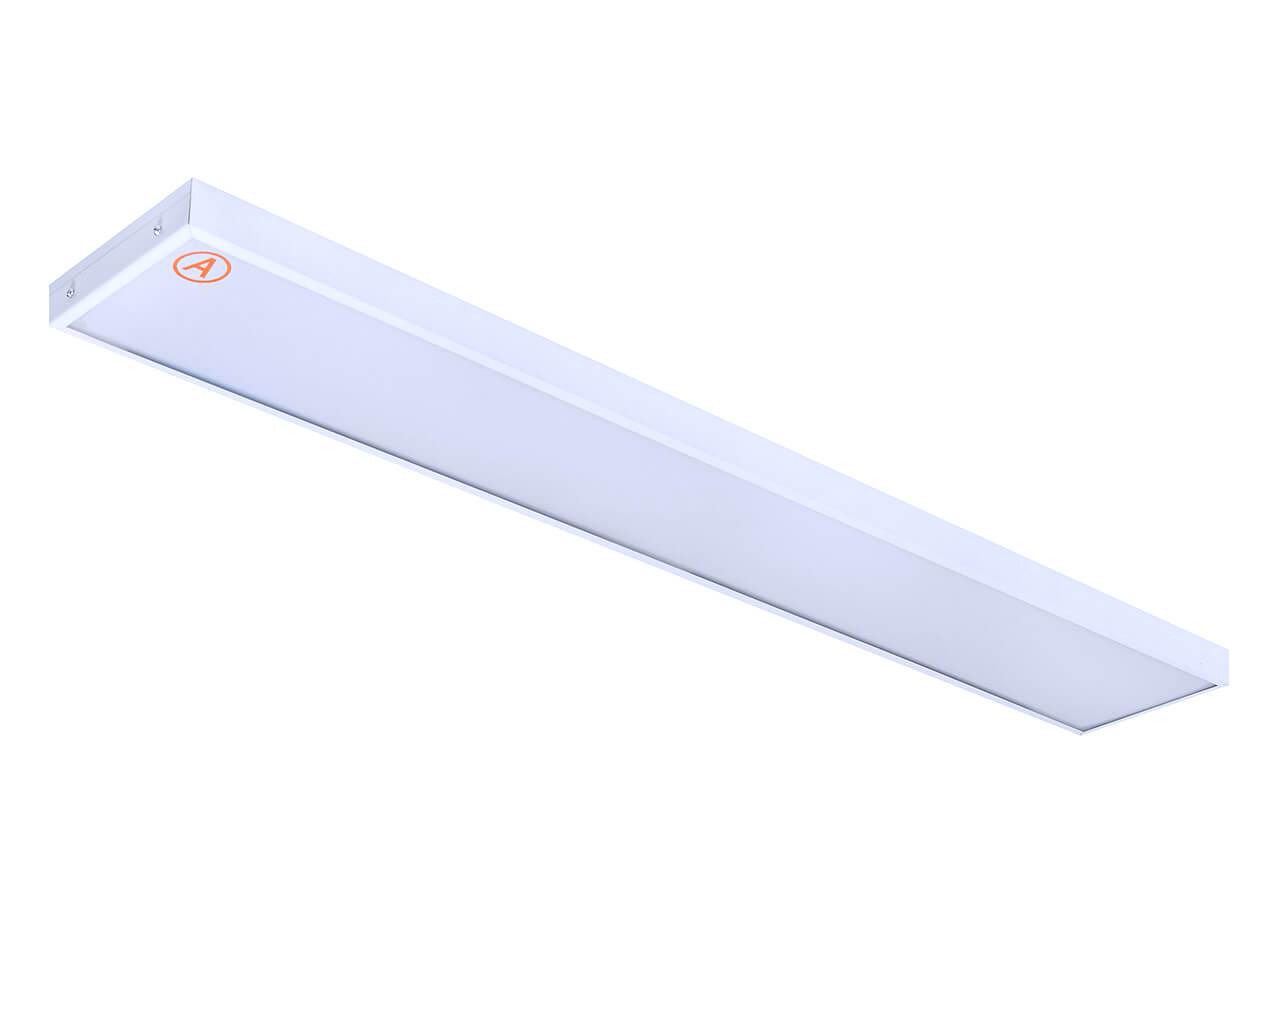 Накладной светильник LC-NS-40-OP-WW ватт 1195x180 Теплый белый Опал с Бап-3 часа